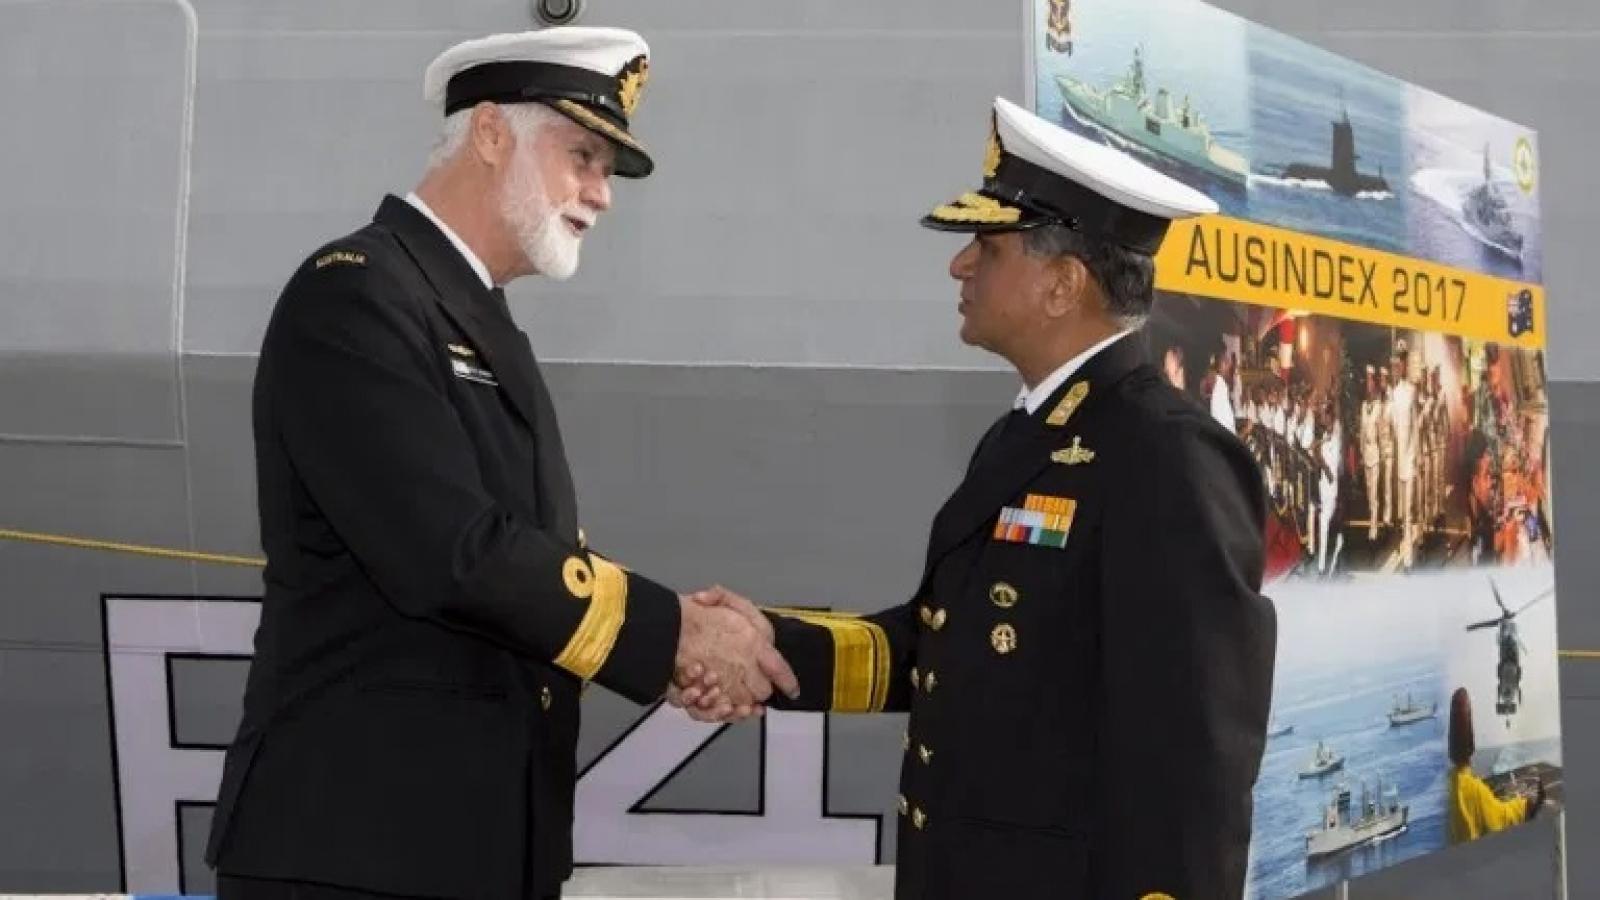 Ấn Độ và Australia phối hợp lực lượng để kiềm chế Trung Quốc trên biển?